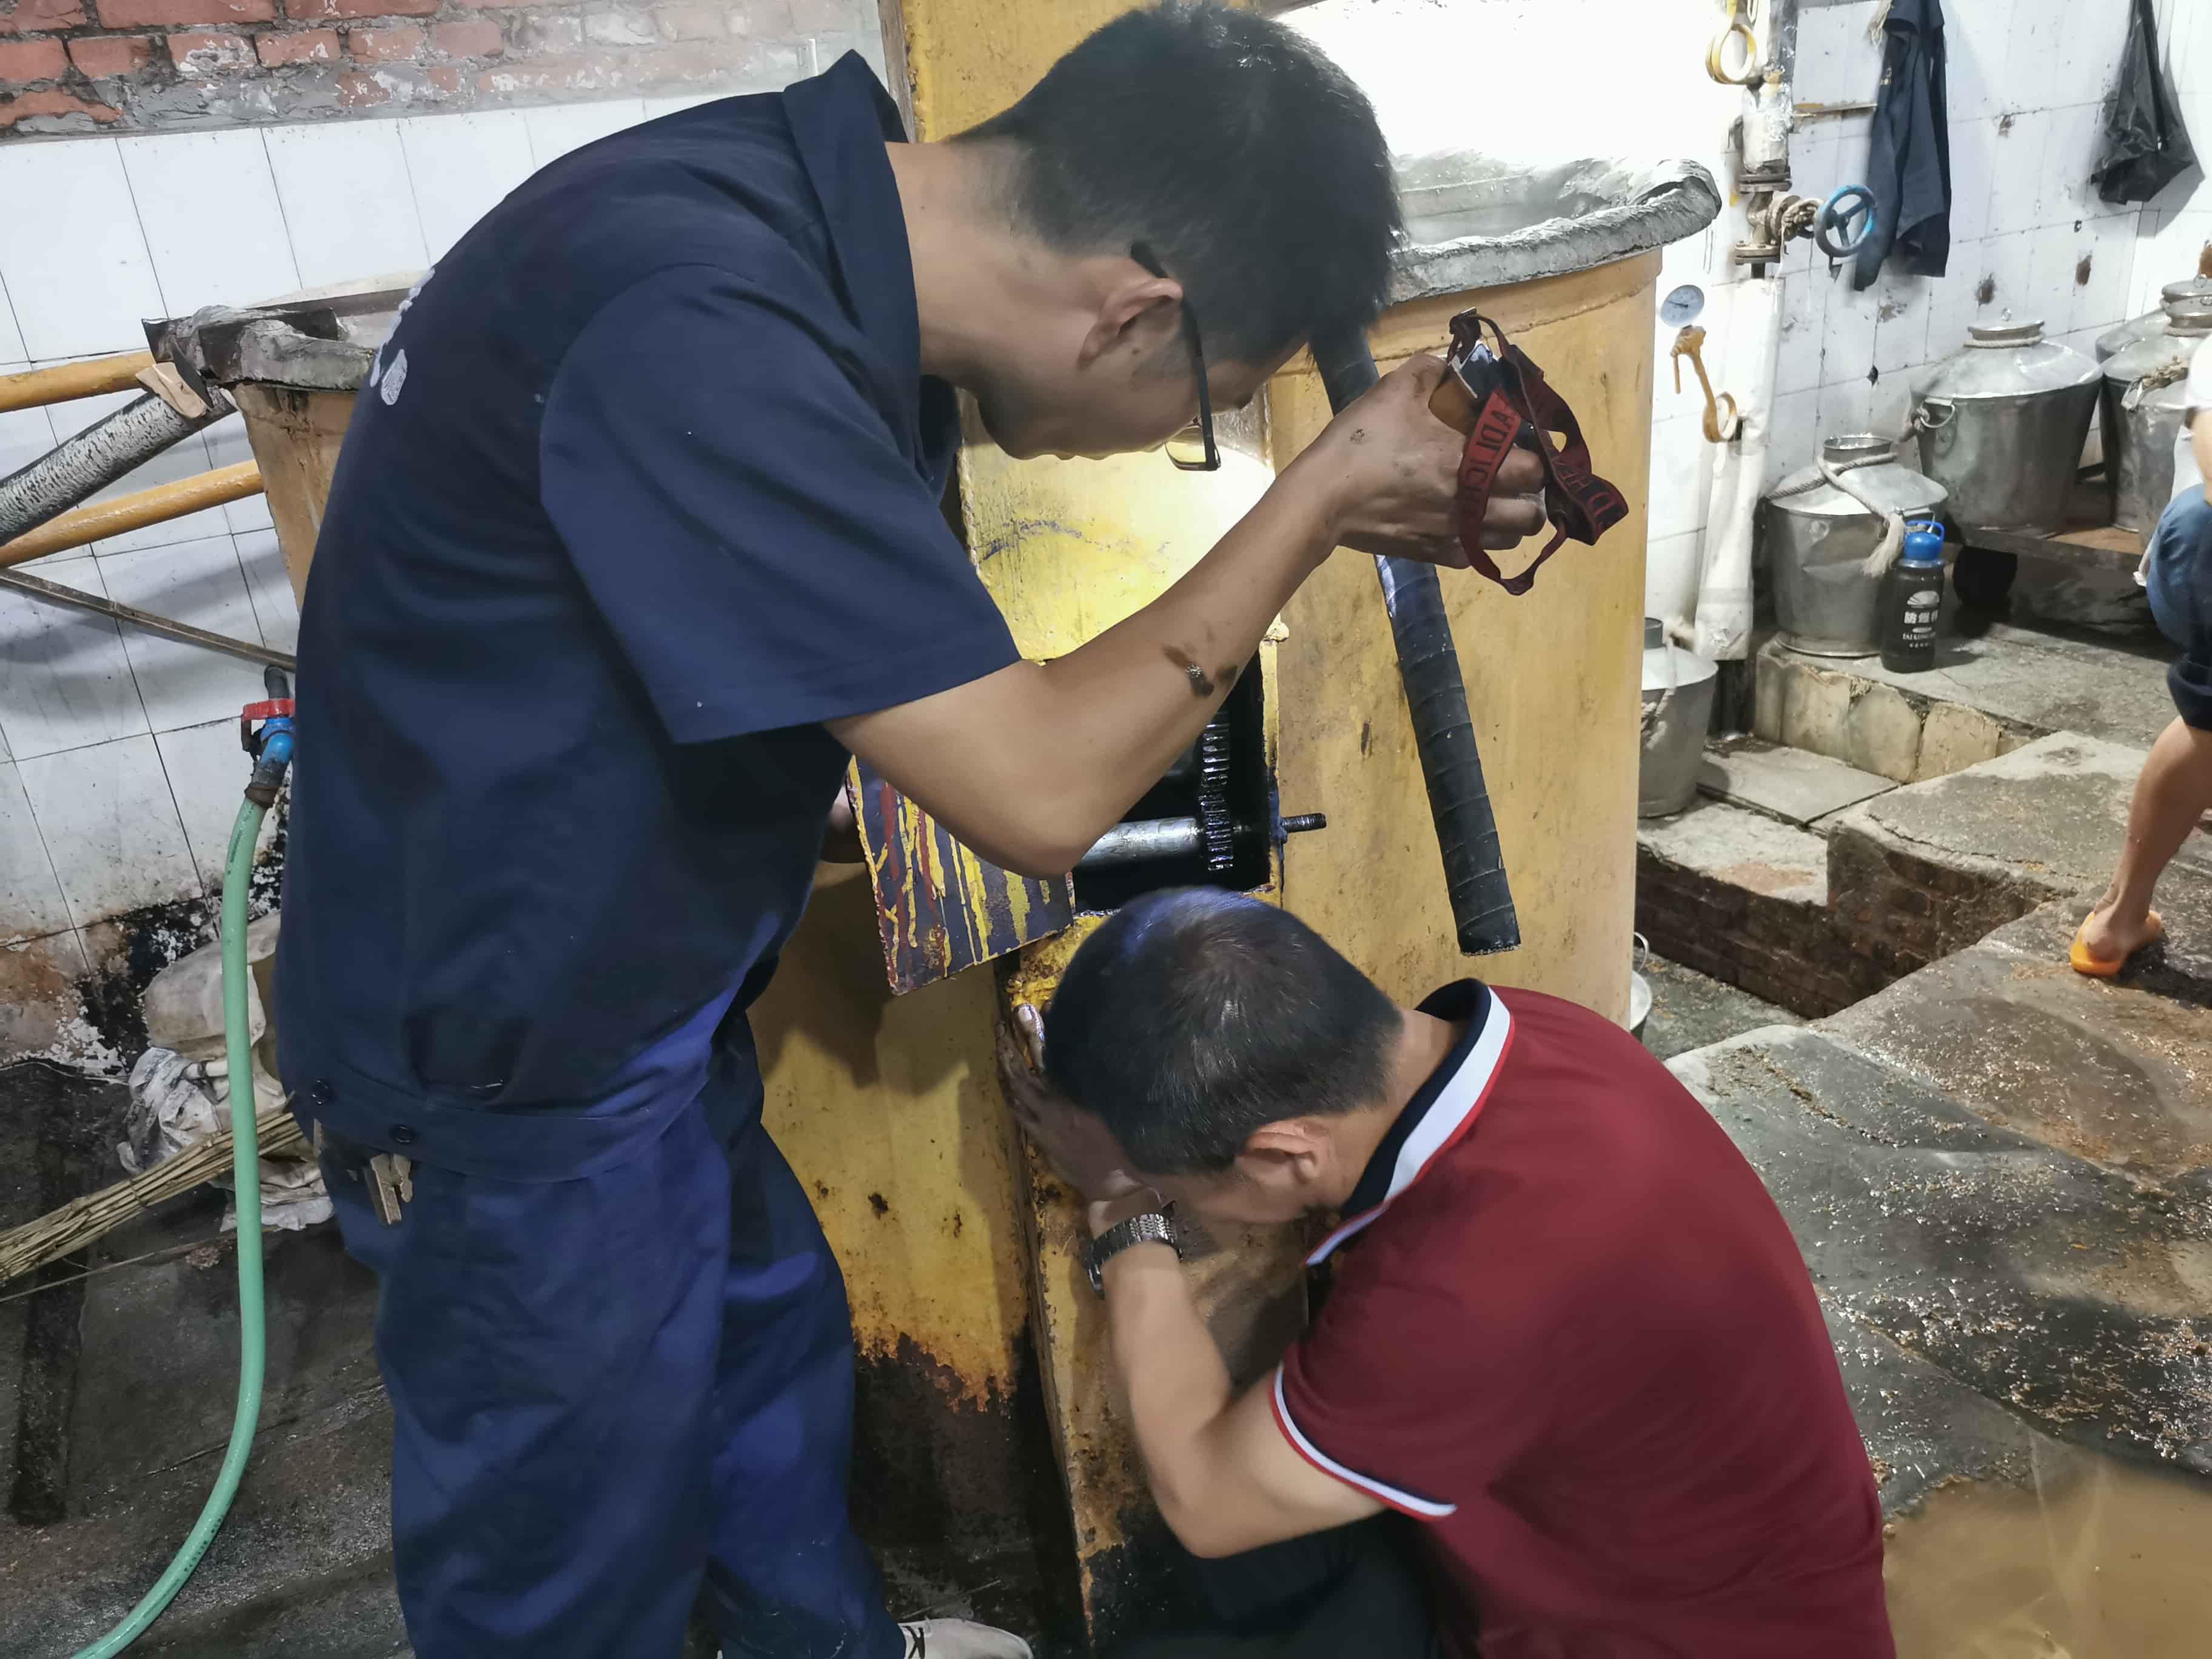 raybet公司制酒:修旧利废 我们在行动 — 机电维修办公室修旧利废纪实